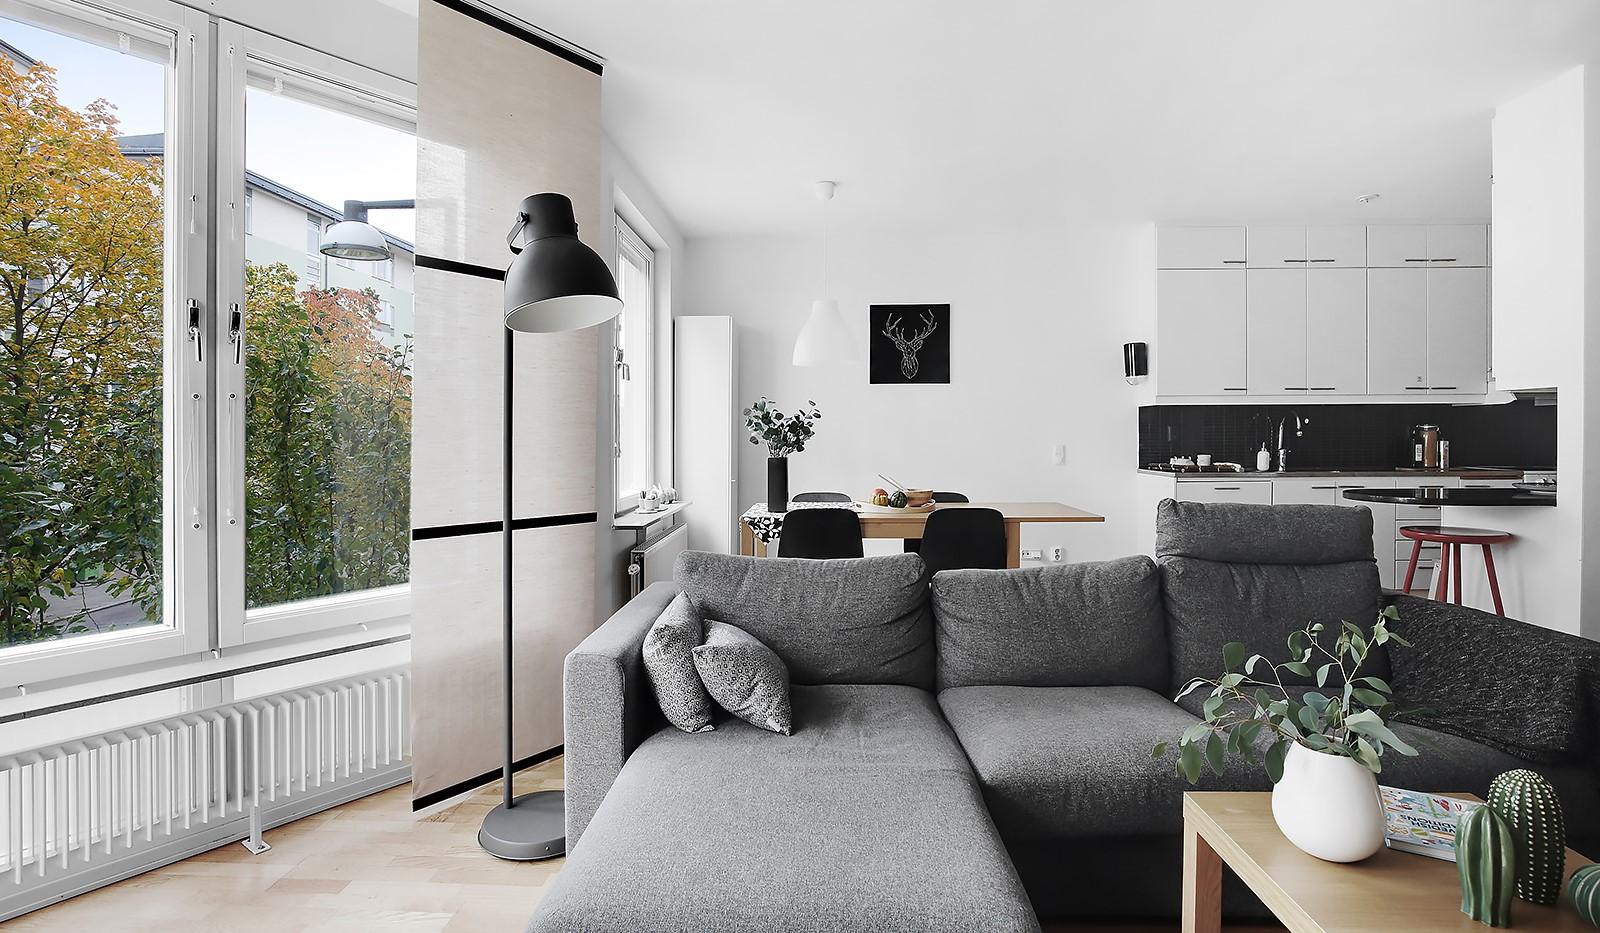 Korphoppsgatan 20 - Delvis öppen planlösning mellan vardagsrum och kök